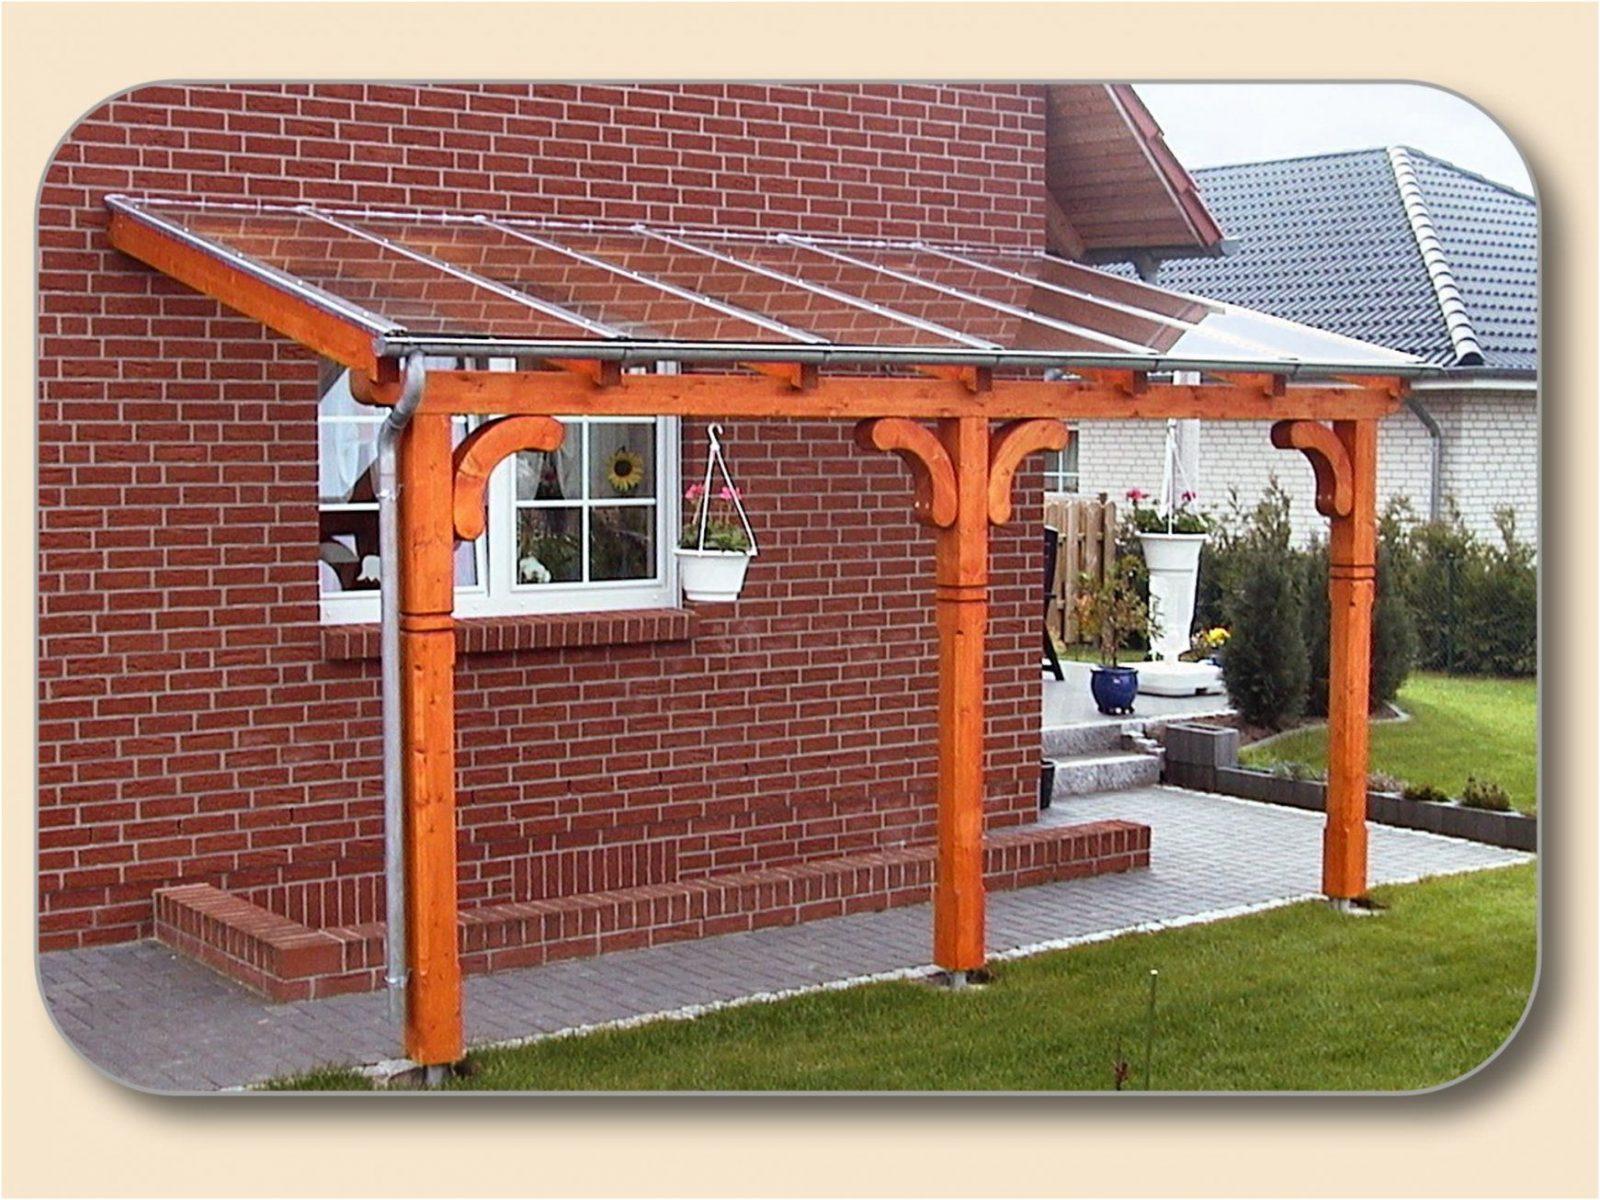 Terrassenüberdachung Günstig Selber Bauen Beliebt Sichtschutz von Terrassenüberdachung Günstig Selber Bauen Photo